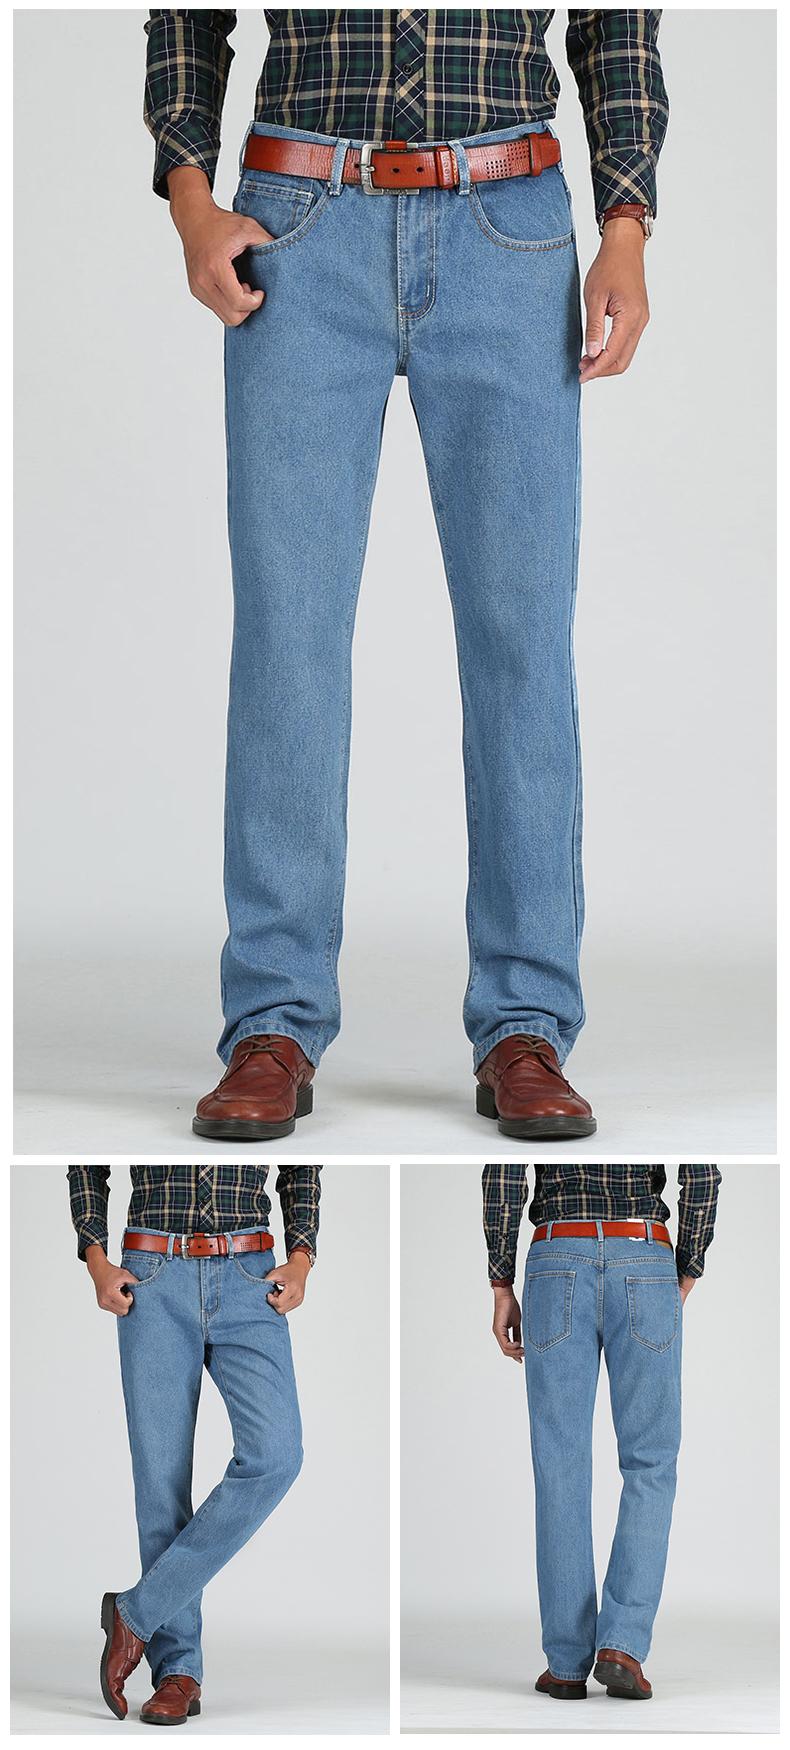 TIGER CASTLE Men Cotton Straight Classic Jeans Baggy Plus Size Spring Autumn Men's Denim Pants Straight Designer Trousers Male 15